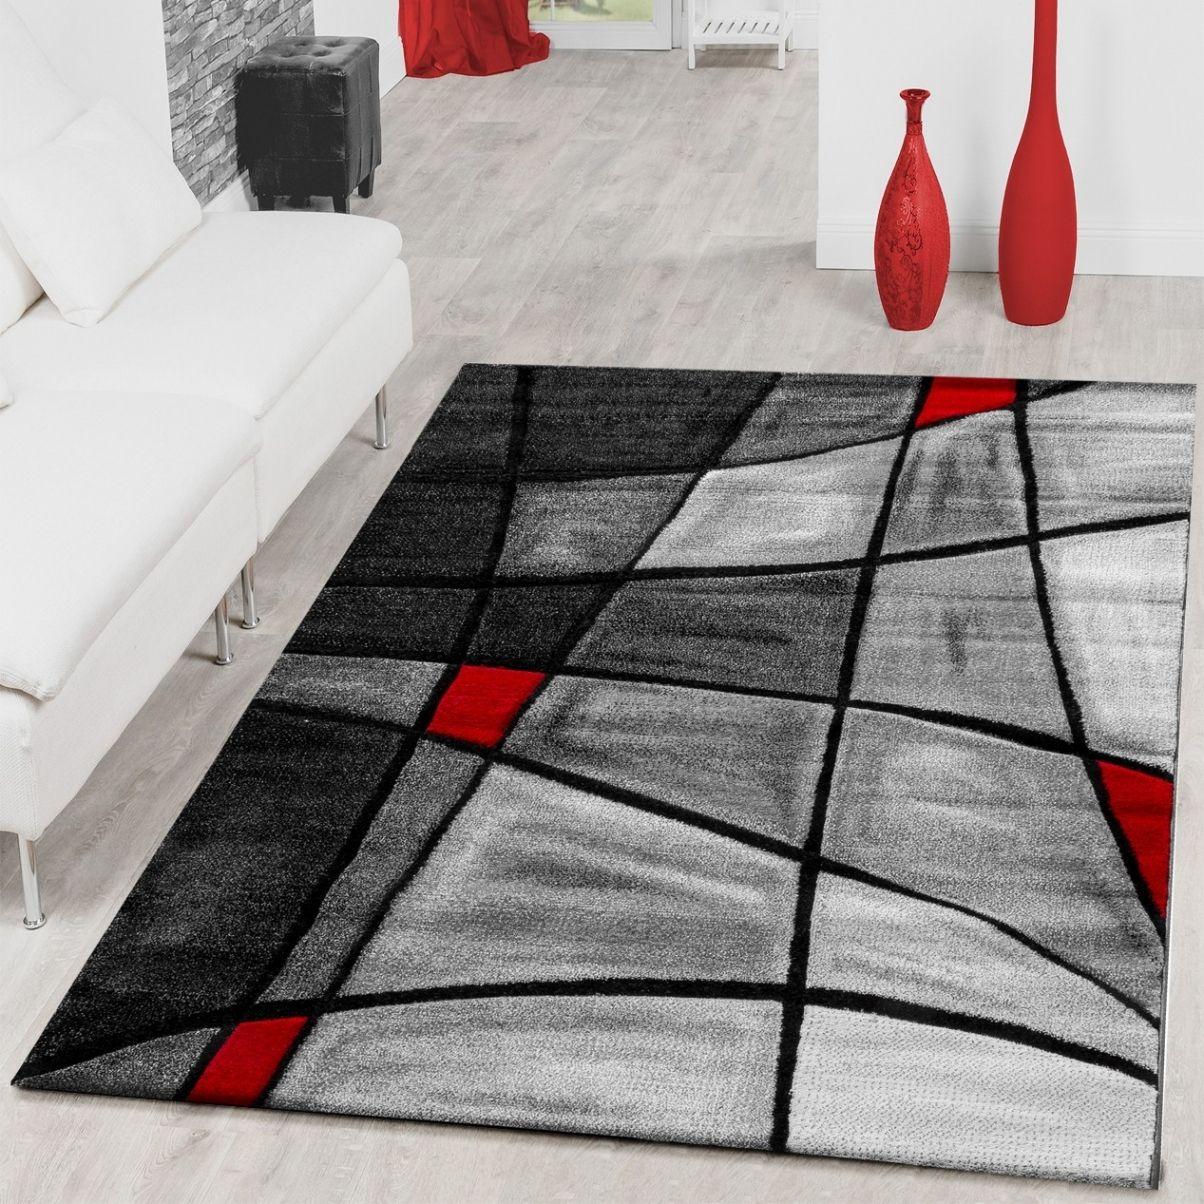 Elegant Wohnzimmer Rot Grau | Wohnzimmer Boden | Pinterest ...